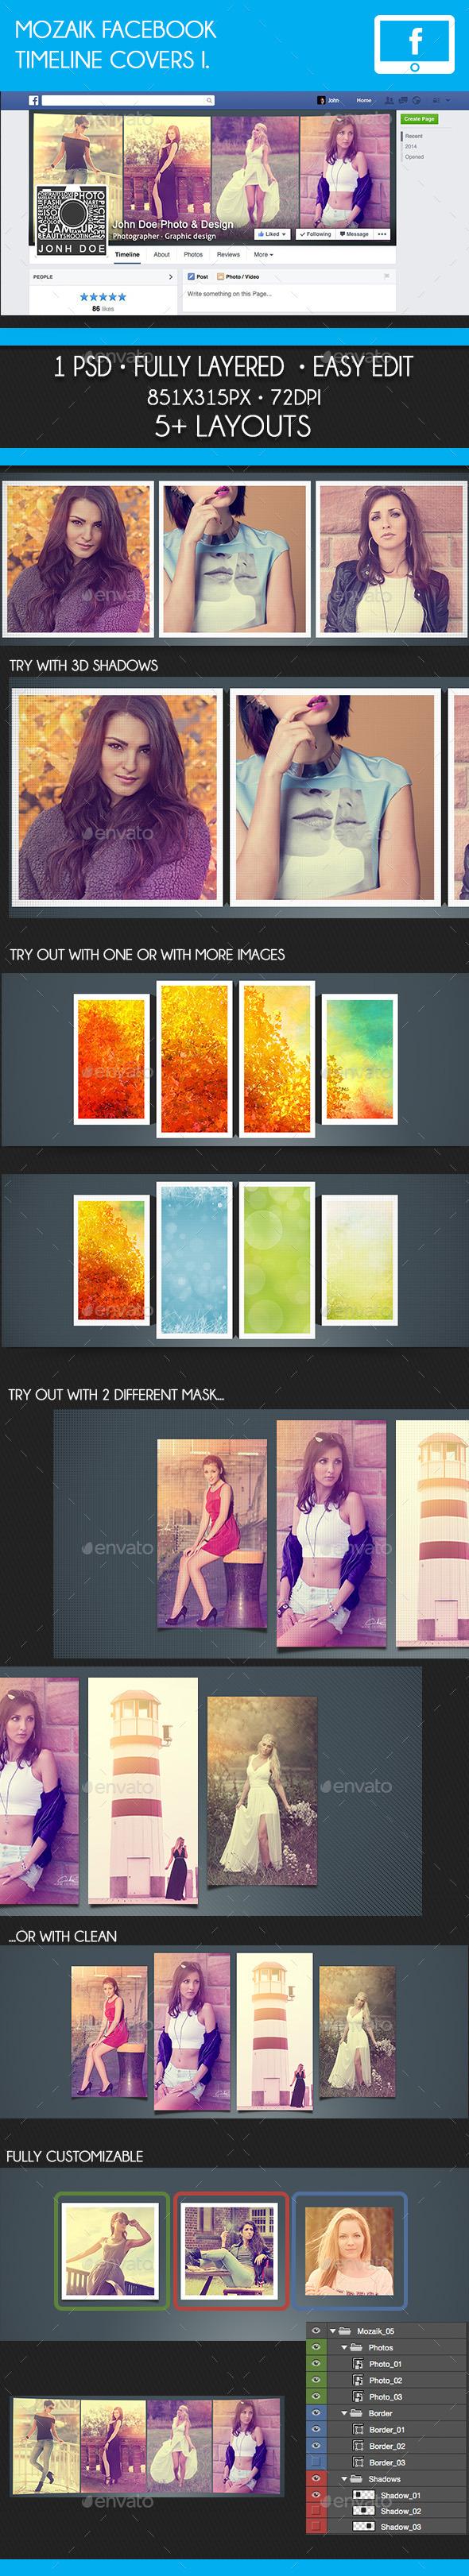 Mozaik Facebook Timeline Cover I. - Facebook Timeline Covers Social Media